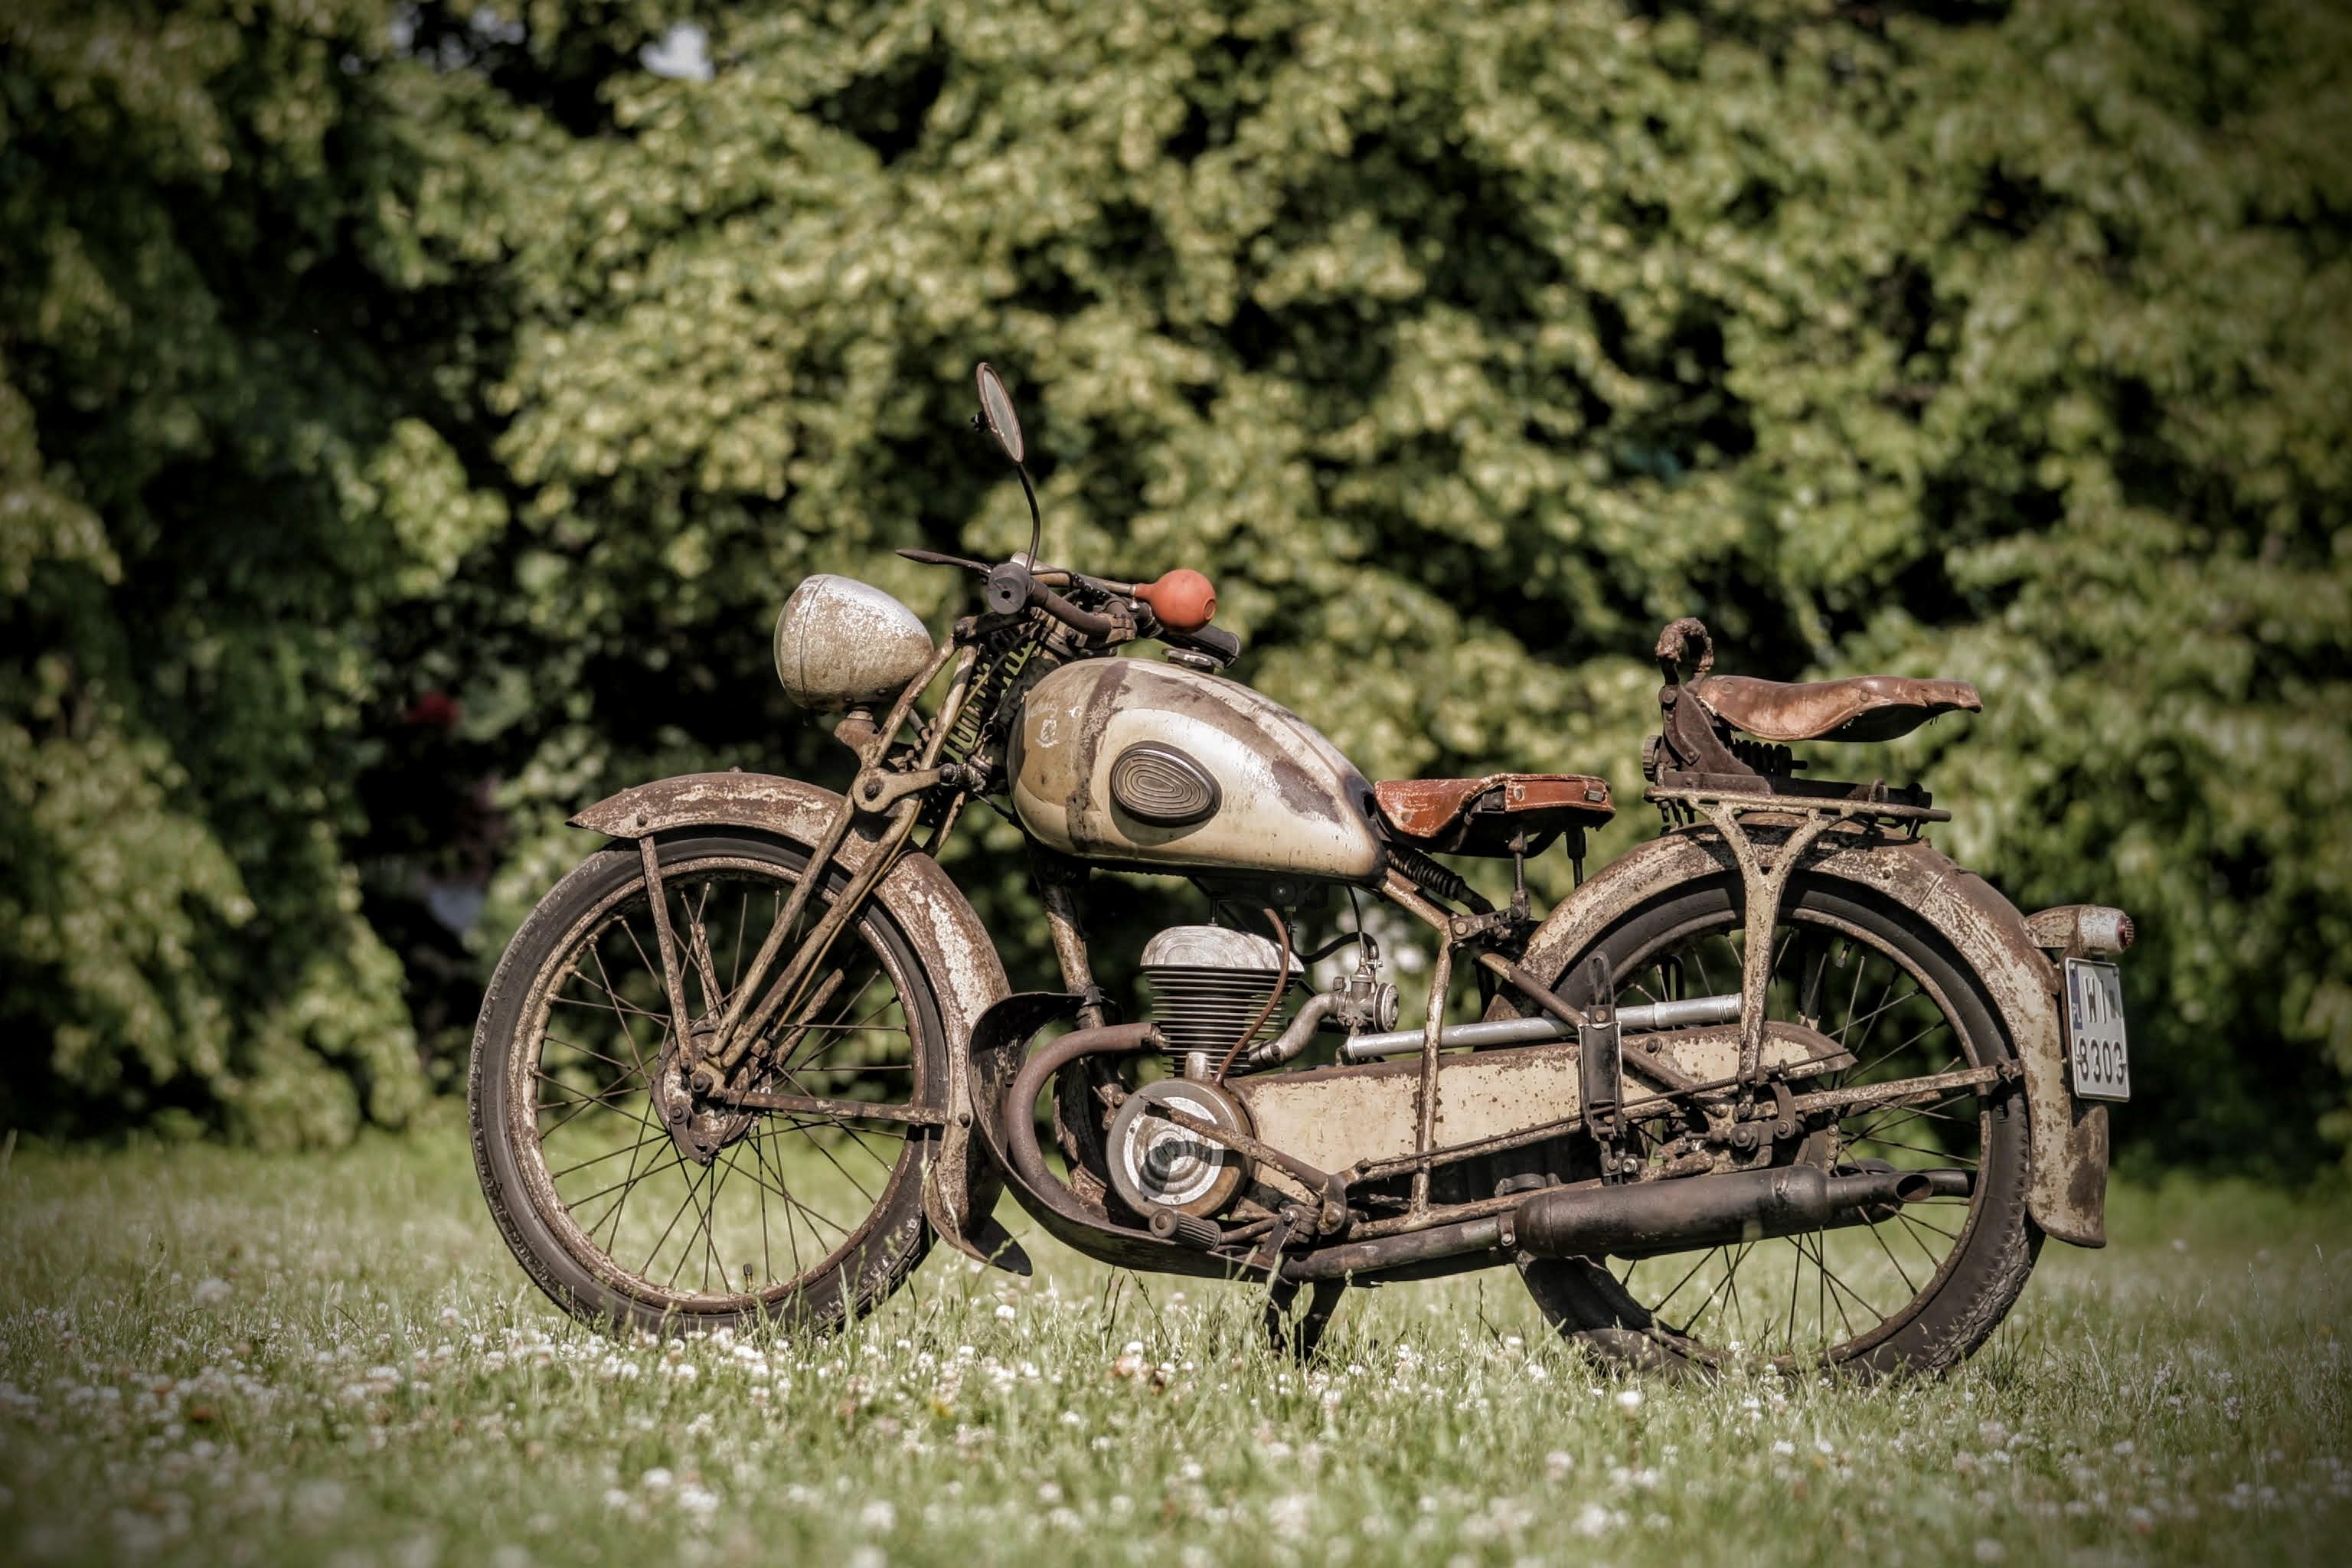 W roku 1930 Peugeot przejął inną francuską markę – Automoto - i od tego czasu pod własnym logo rozpoczął produkcję lekkich, prostych, dwusuwowych motocykli. Bazą opisywanego motocykla był model P53 z roku 1946, ze sztywnym tyłem i trapezowym zawieszeniem przedniego koła, tak jak w wersjach przedwojennych. Peugeot przez 10 lat rozwijał tę konstrukcję, budując na jej bazie wiele podobnych do siebie wersji - 55 AL, C, T, TA, TC, TCL, GL, GLT, GTS. Było ich sporo, jednak różniły się w zasadzie detalami czy wyposażeniem dodatkowym.